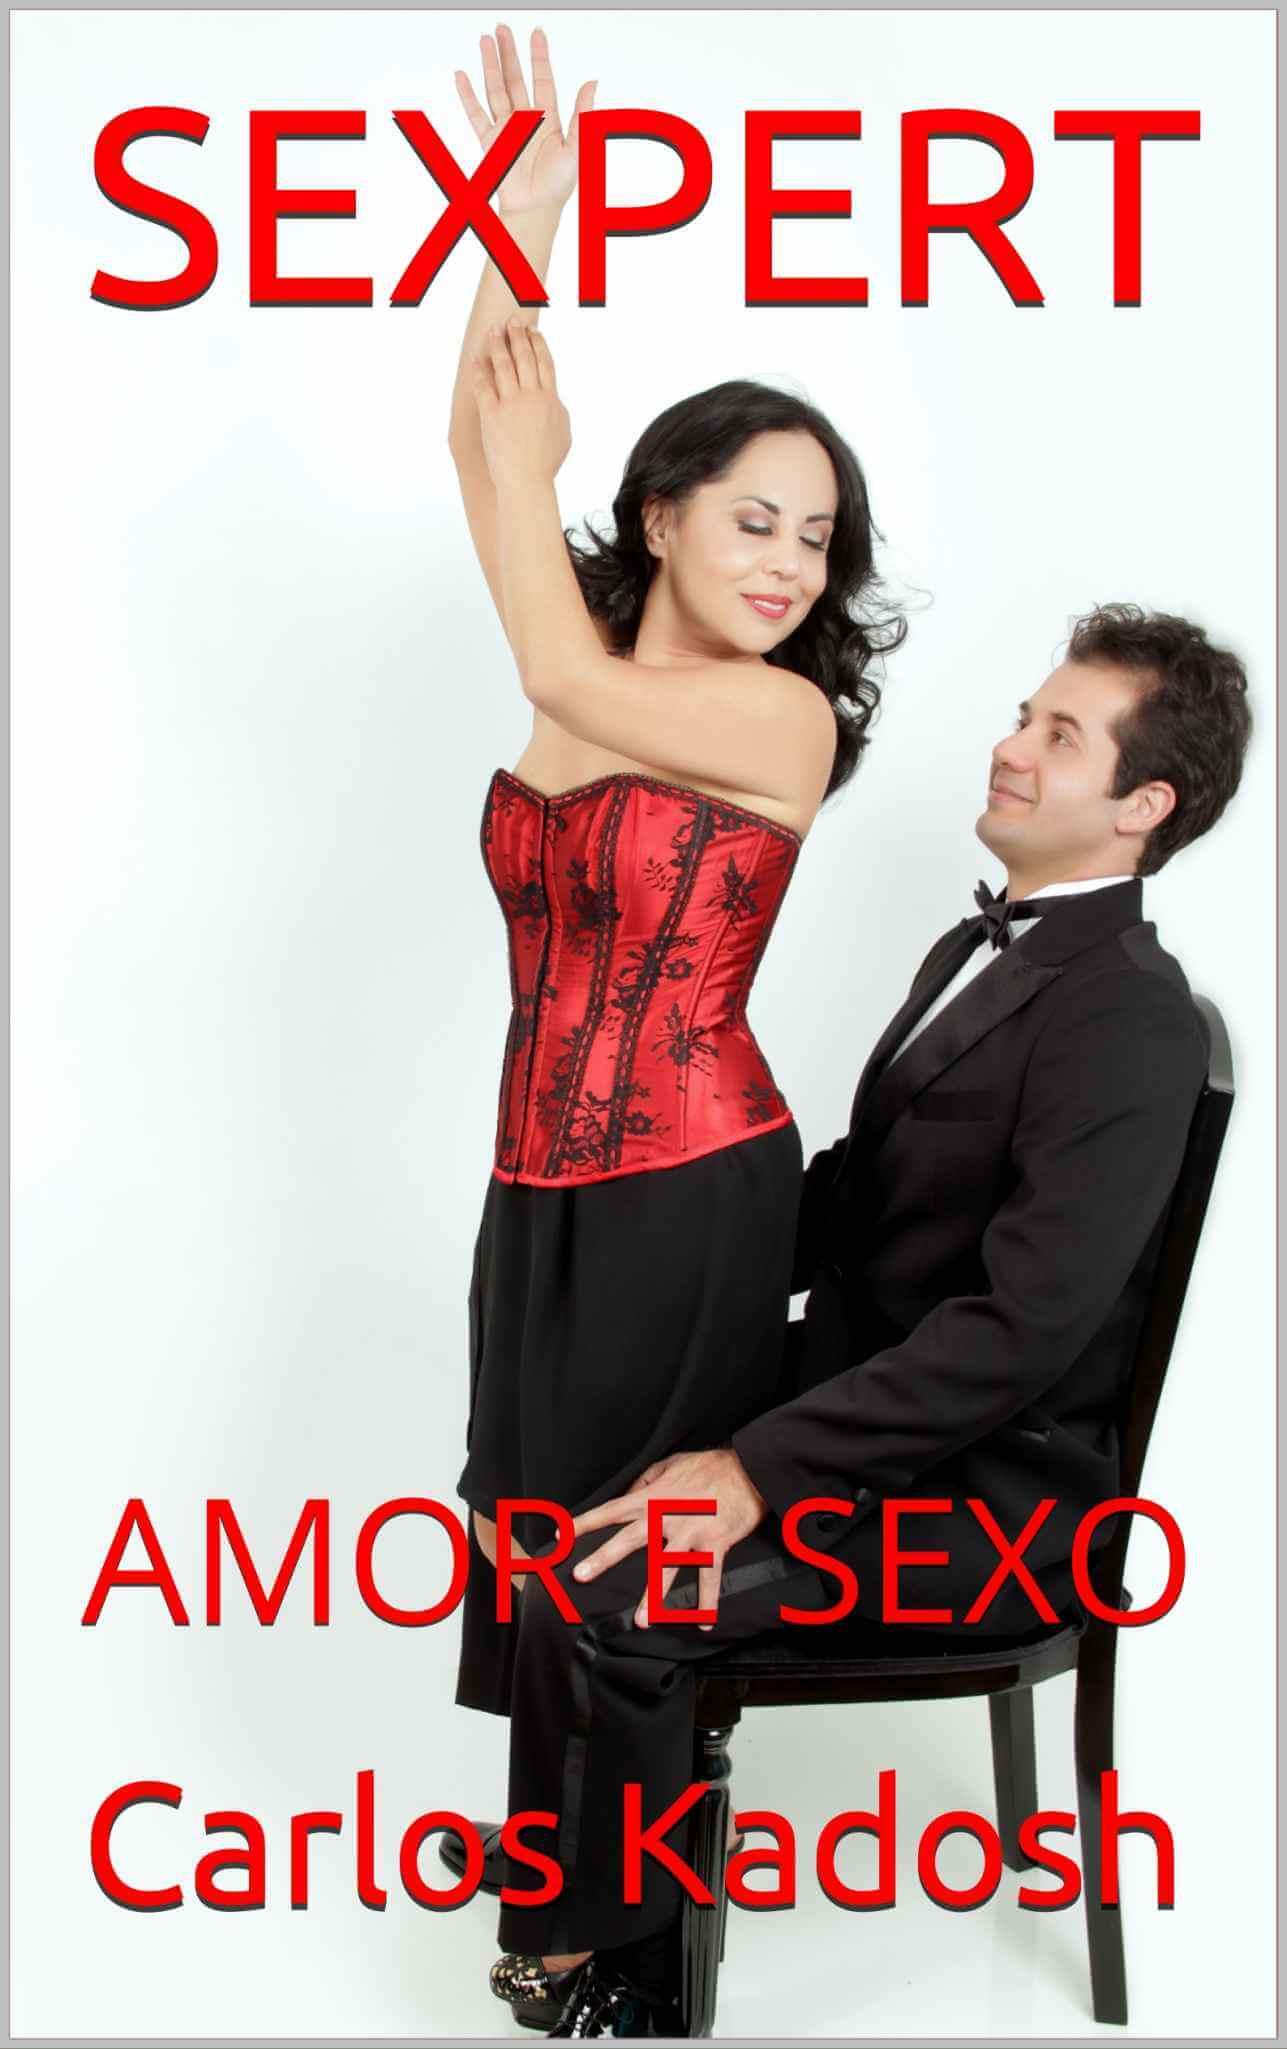 SEXPERT: AMOR E SEXO